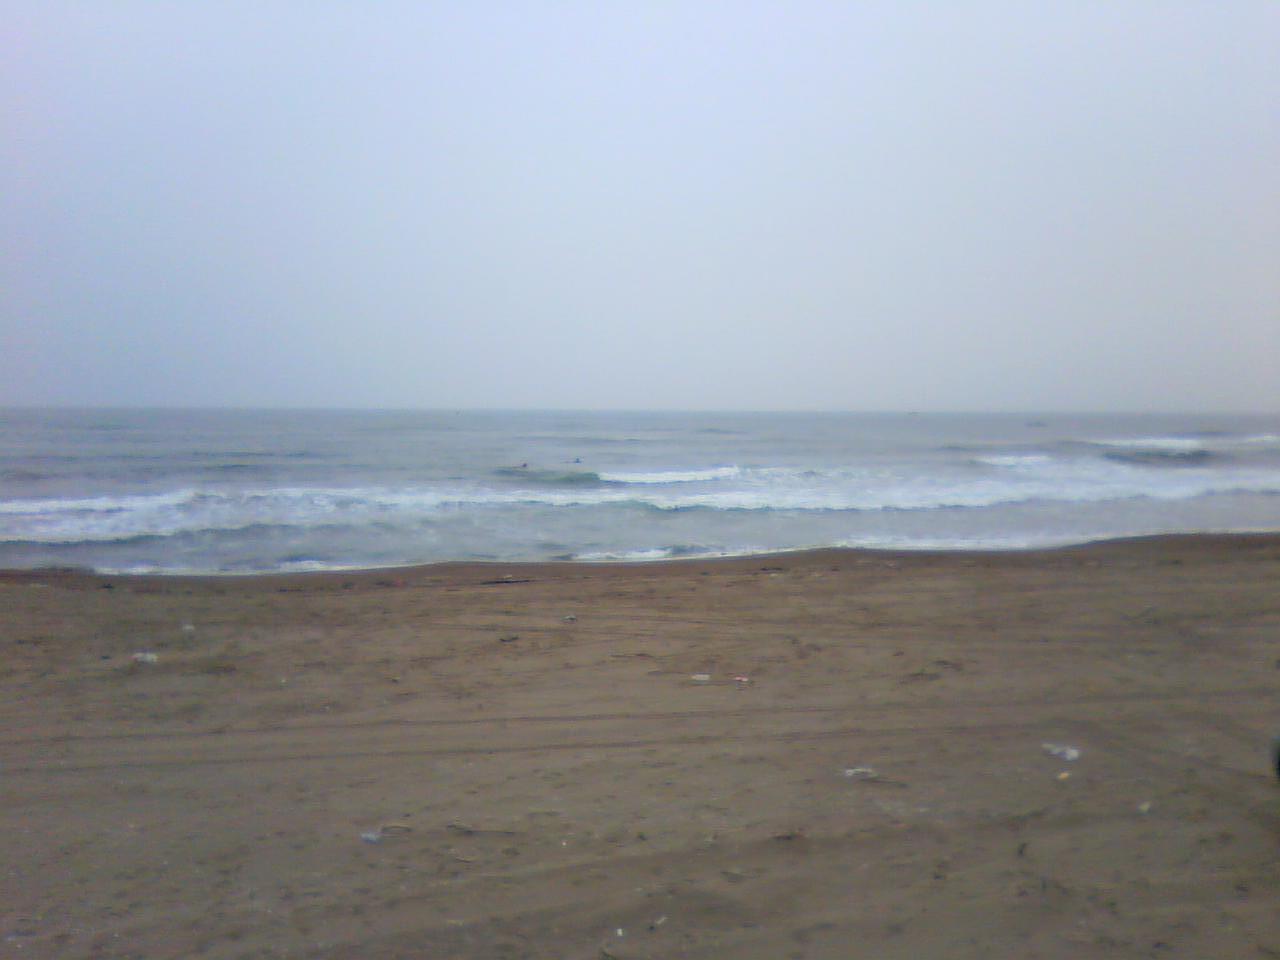 海6月5日(日)_b0112351_5423111.jpg